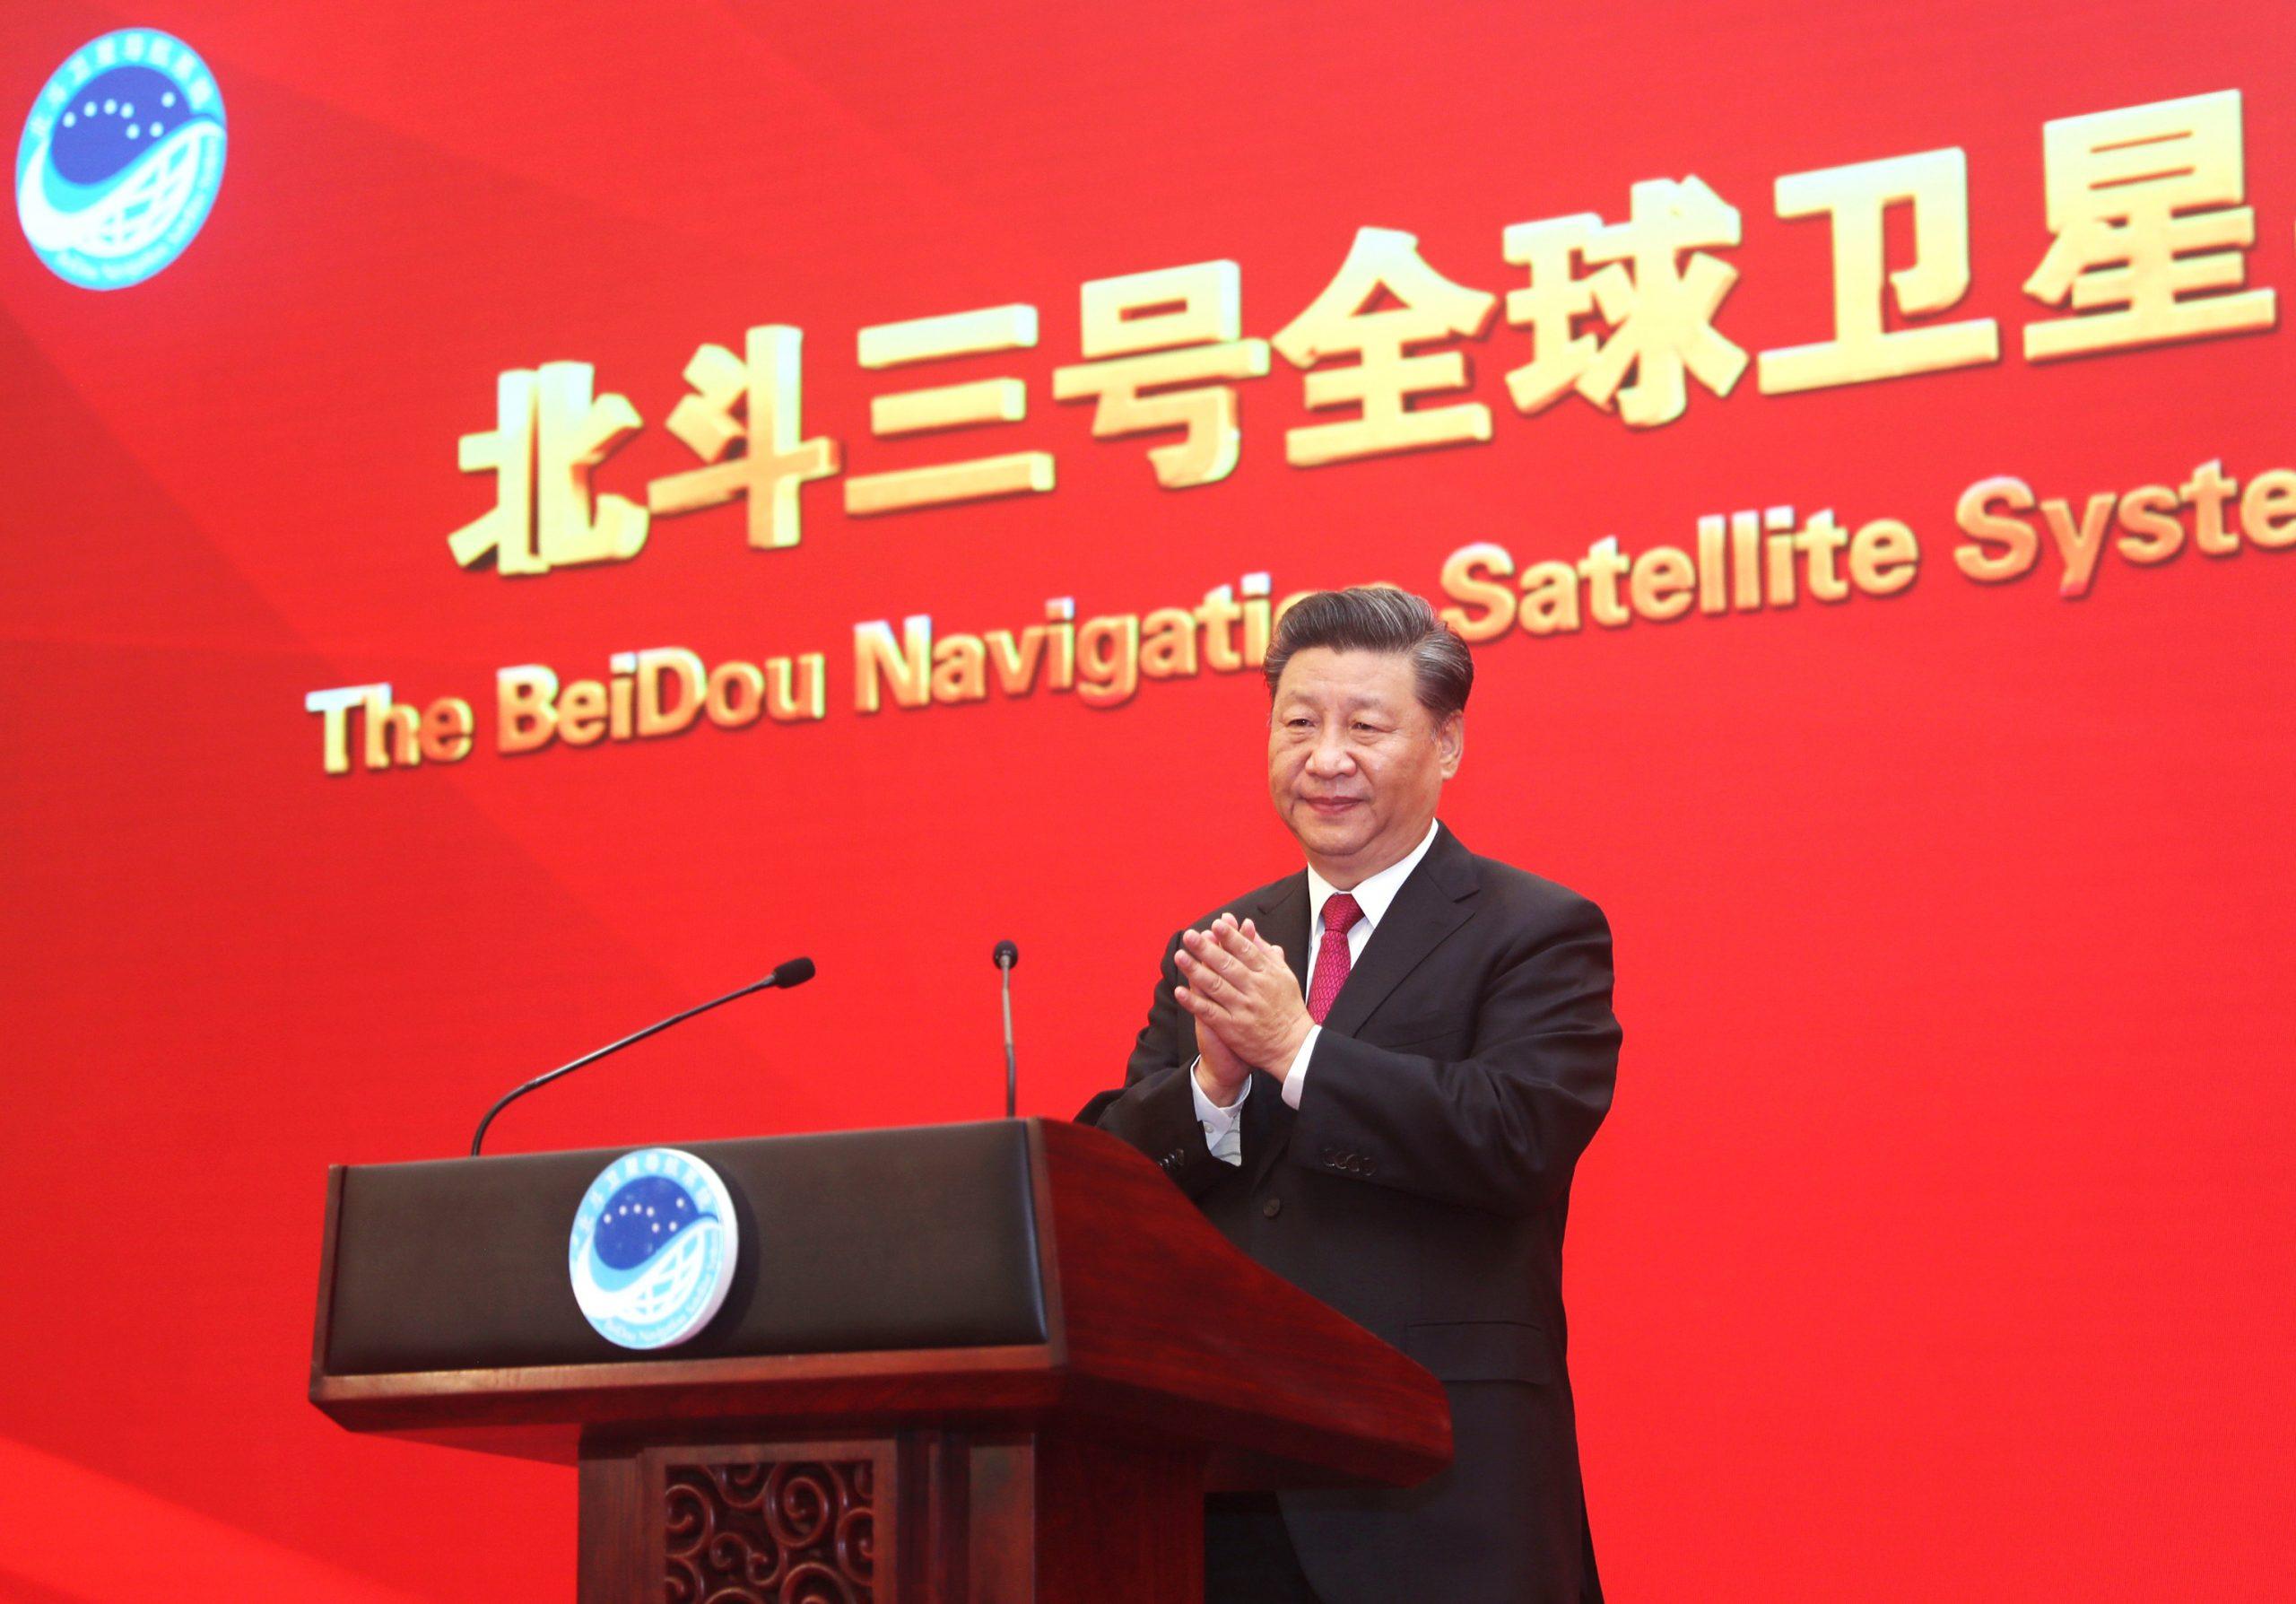 Sistema chino de navegación BDS-3 se abre oficialmente a usuarios globales con servicios actualizados